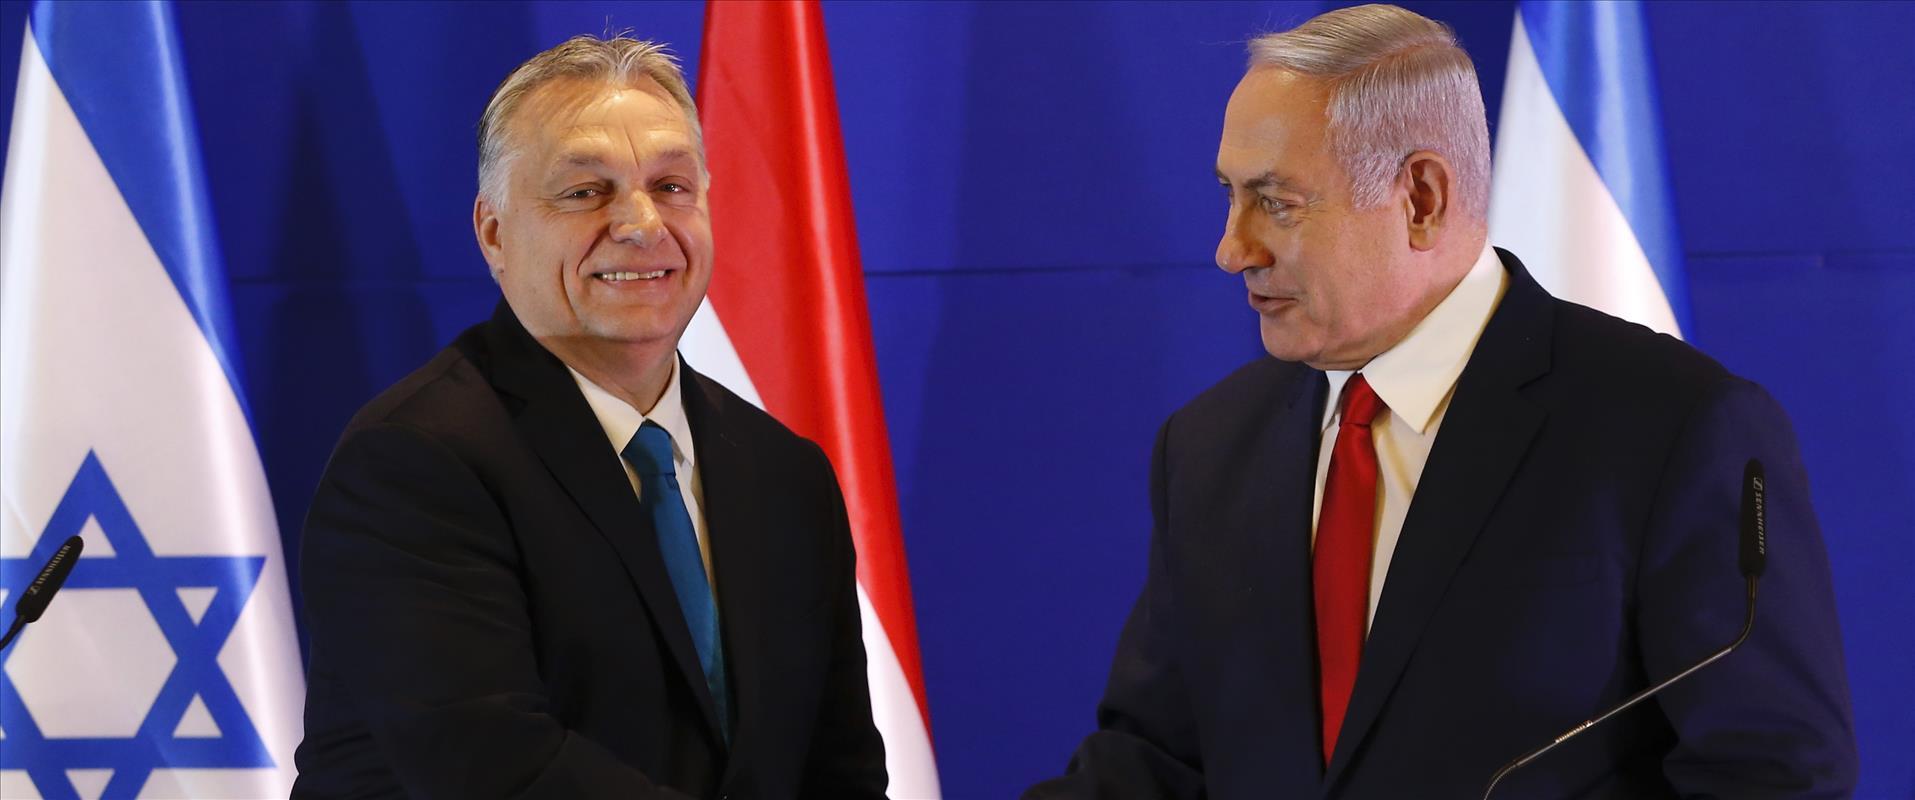 נתניהו וראש ממשלת הונגריה, ויקטור אורבן